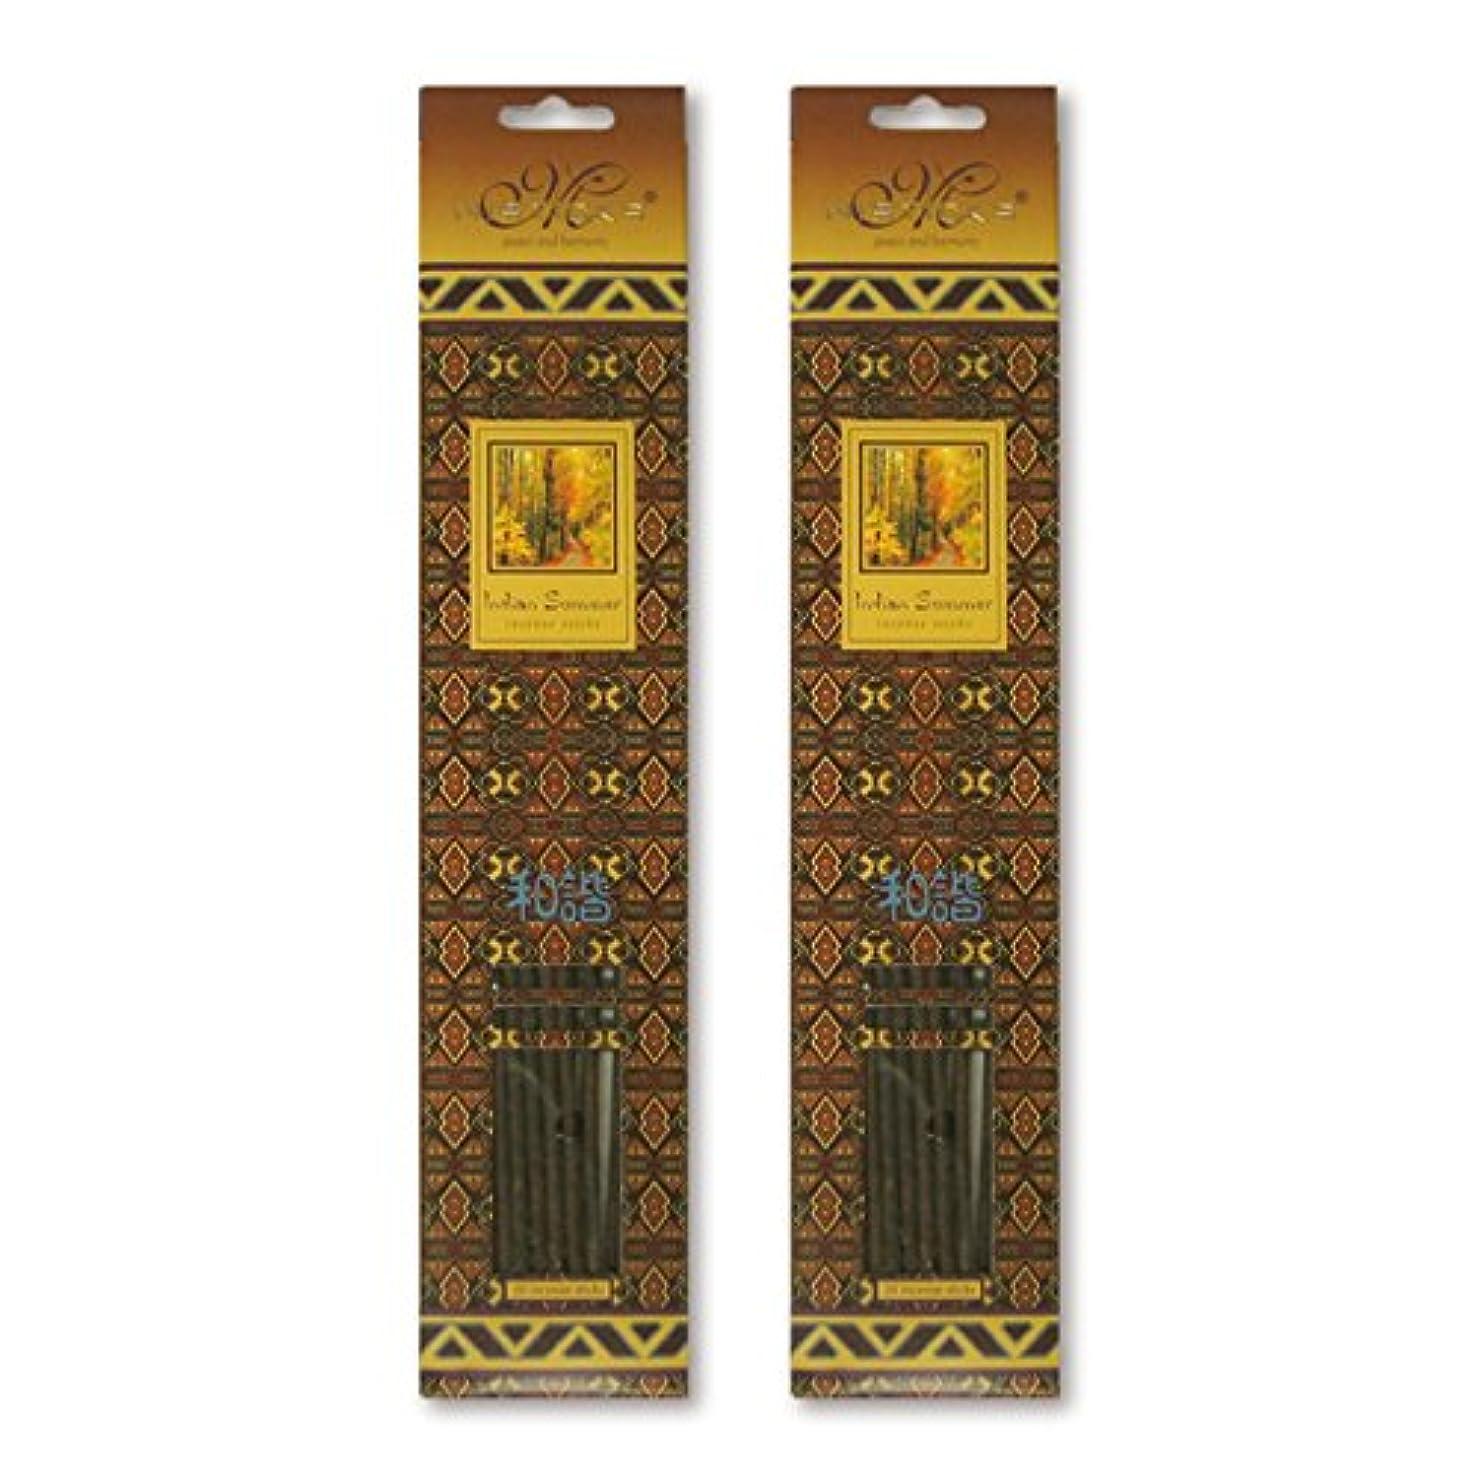 学んだ最大のカナダMISTICKS ミスティックス Indian Summer インディアンサマー お香 20本 X 2パック (40本)